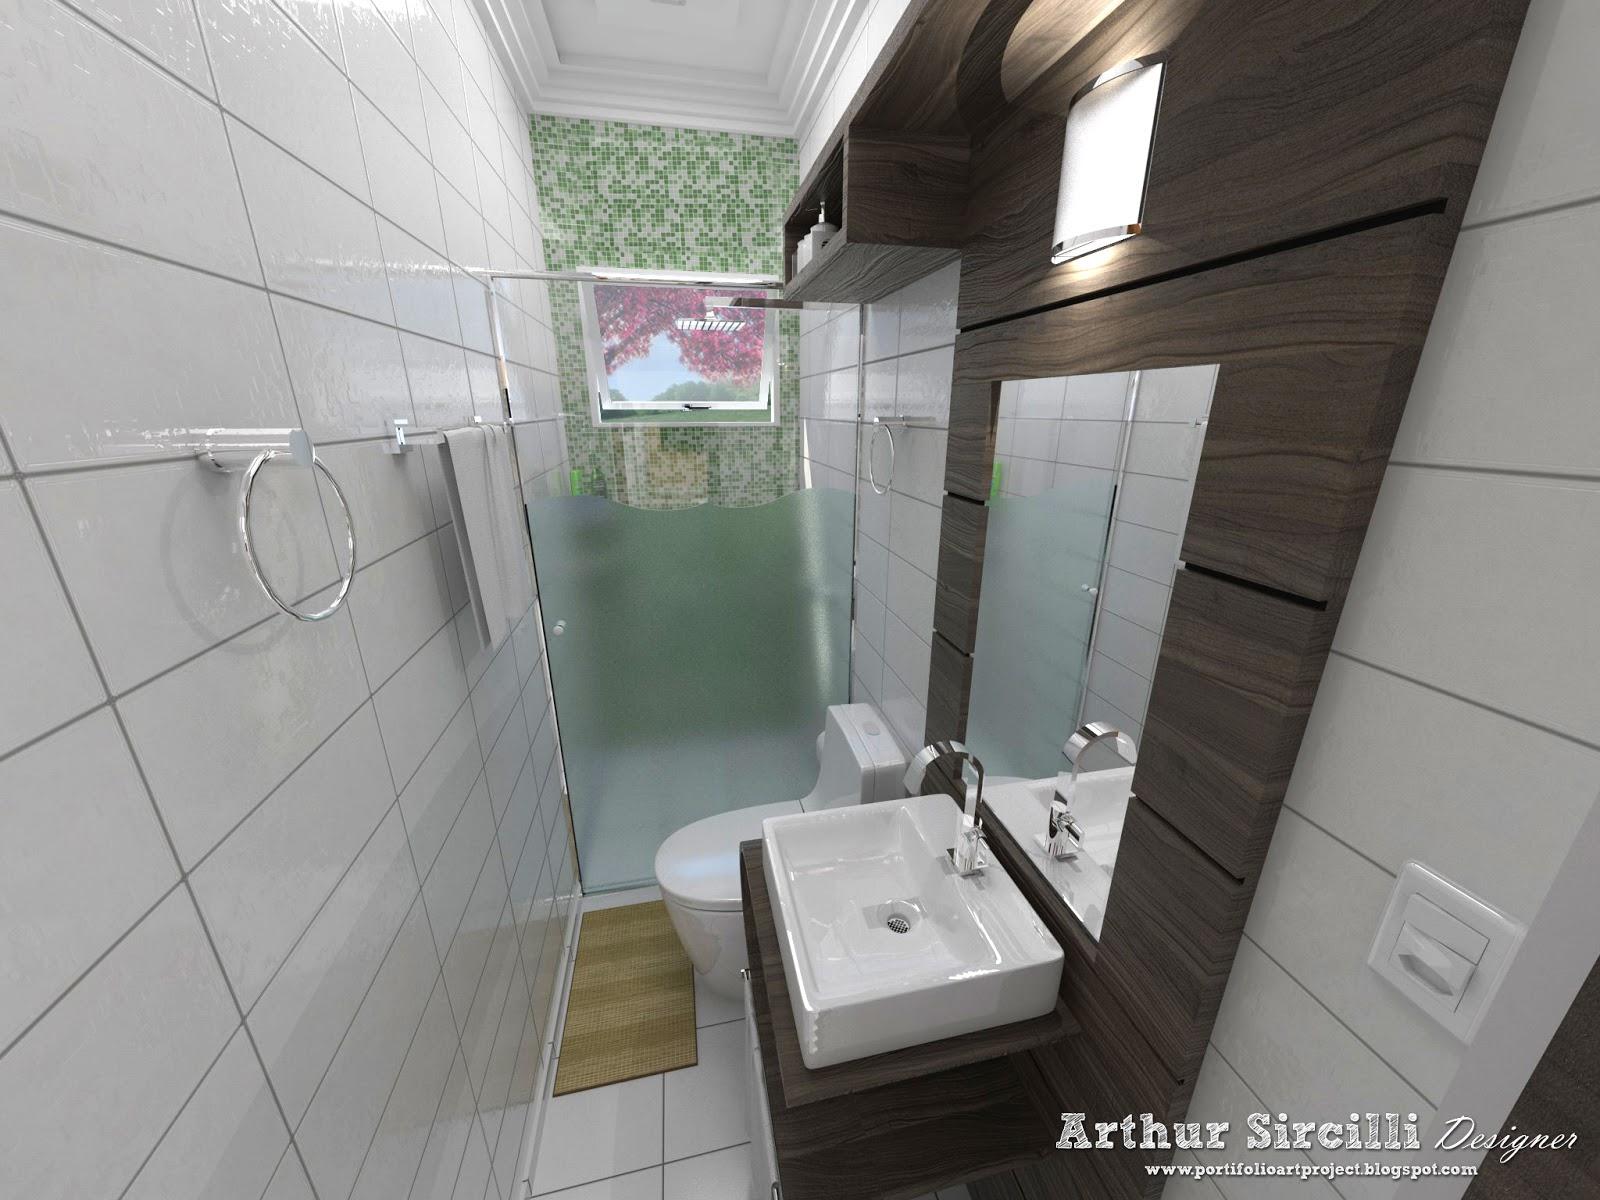 Projeto Planta Banheiro Pequeno  cgafghanscom banheiros pequenos e modernos -> Banheiro Pequeno Projeto